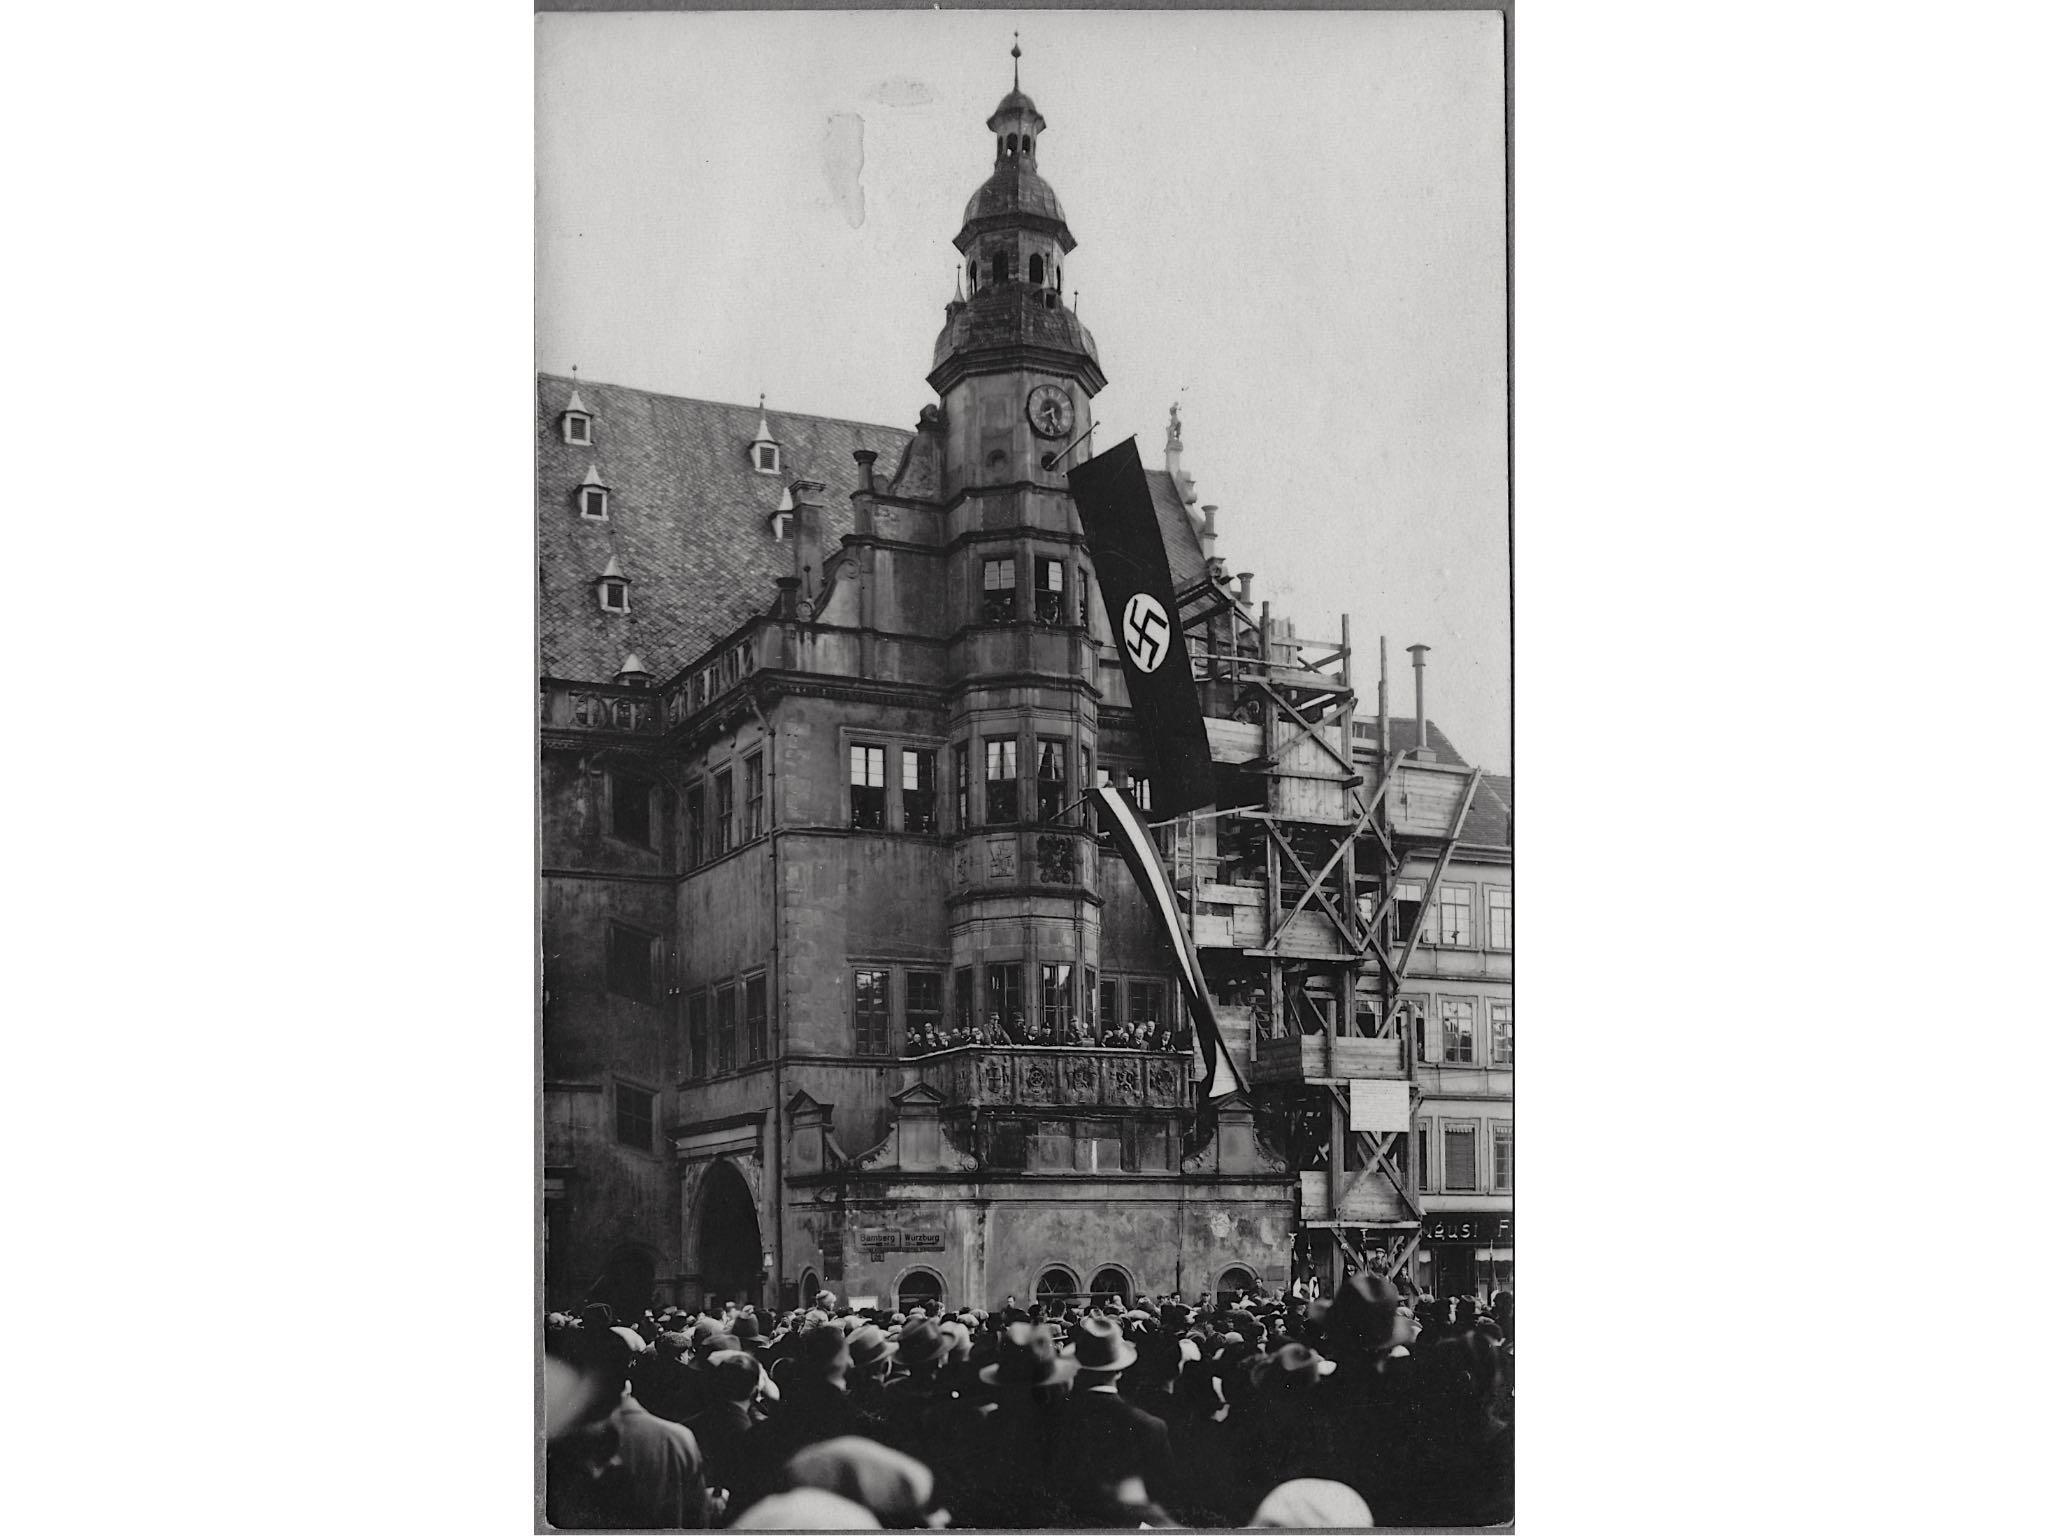 Schweinfurt zur Zeit der Nationalsozialisten. Archiv: Peter Hofmann